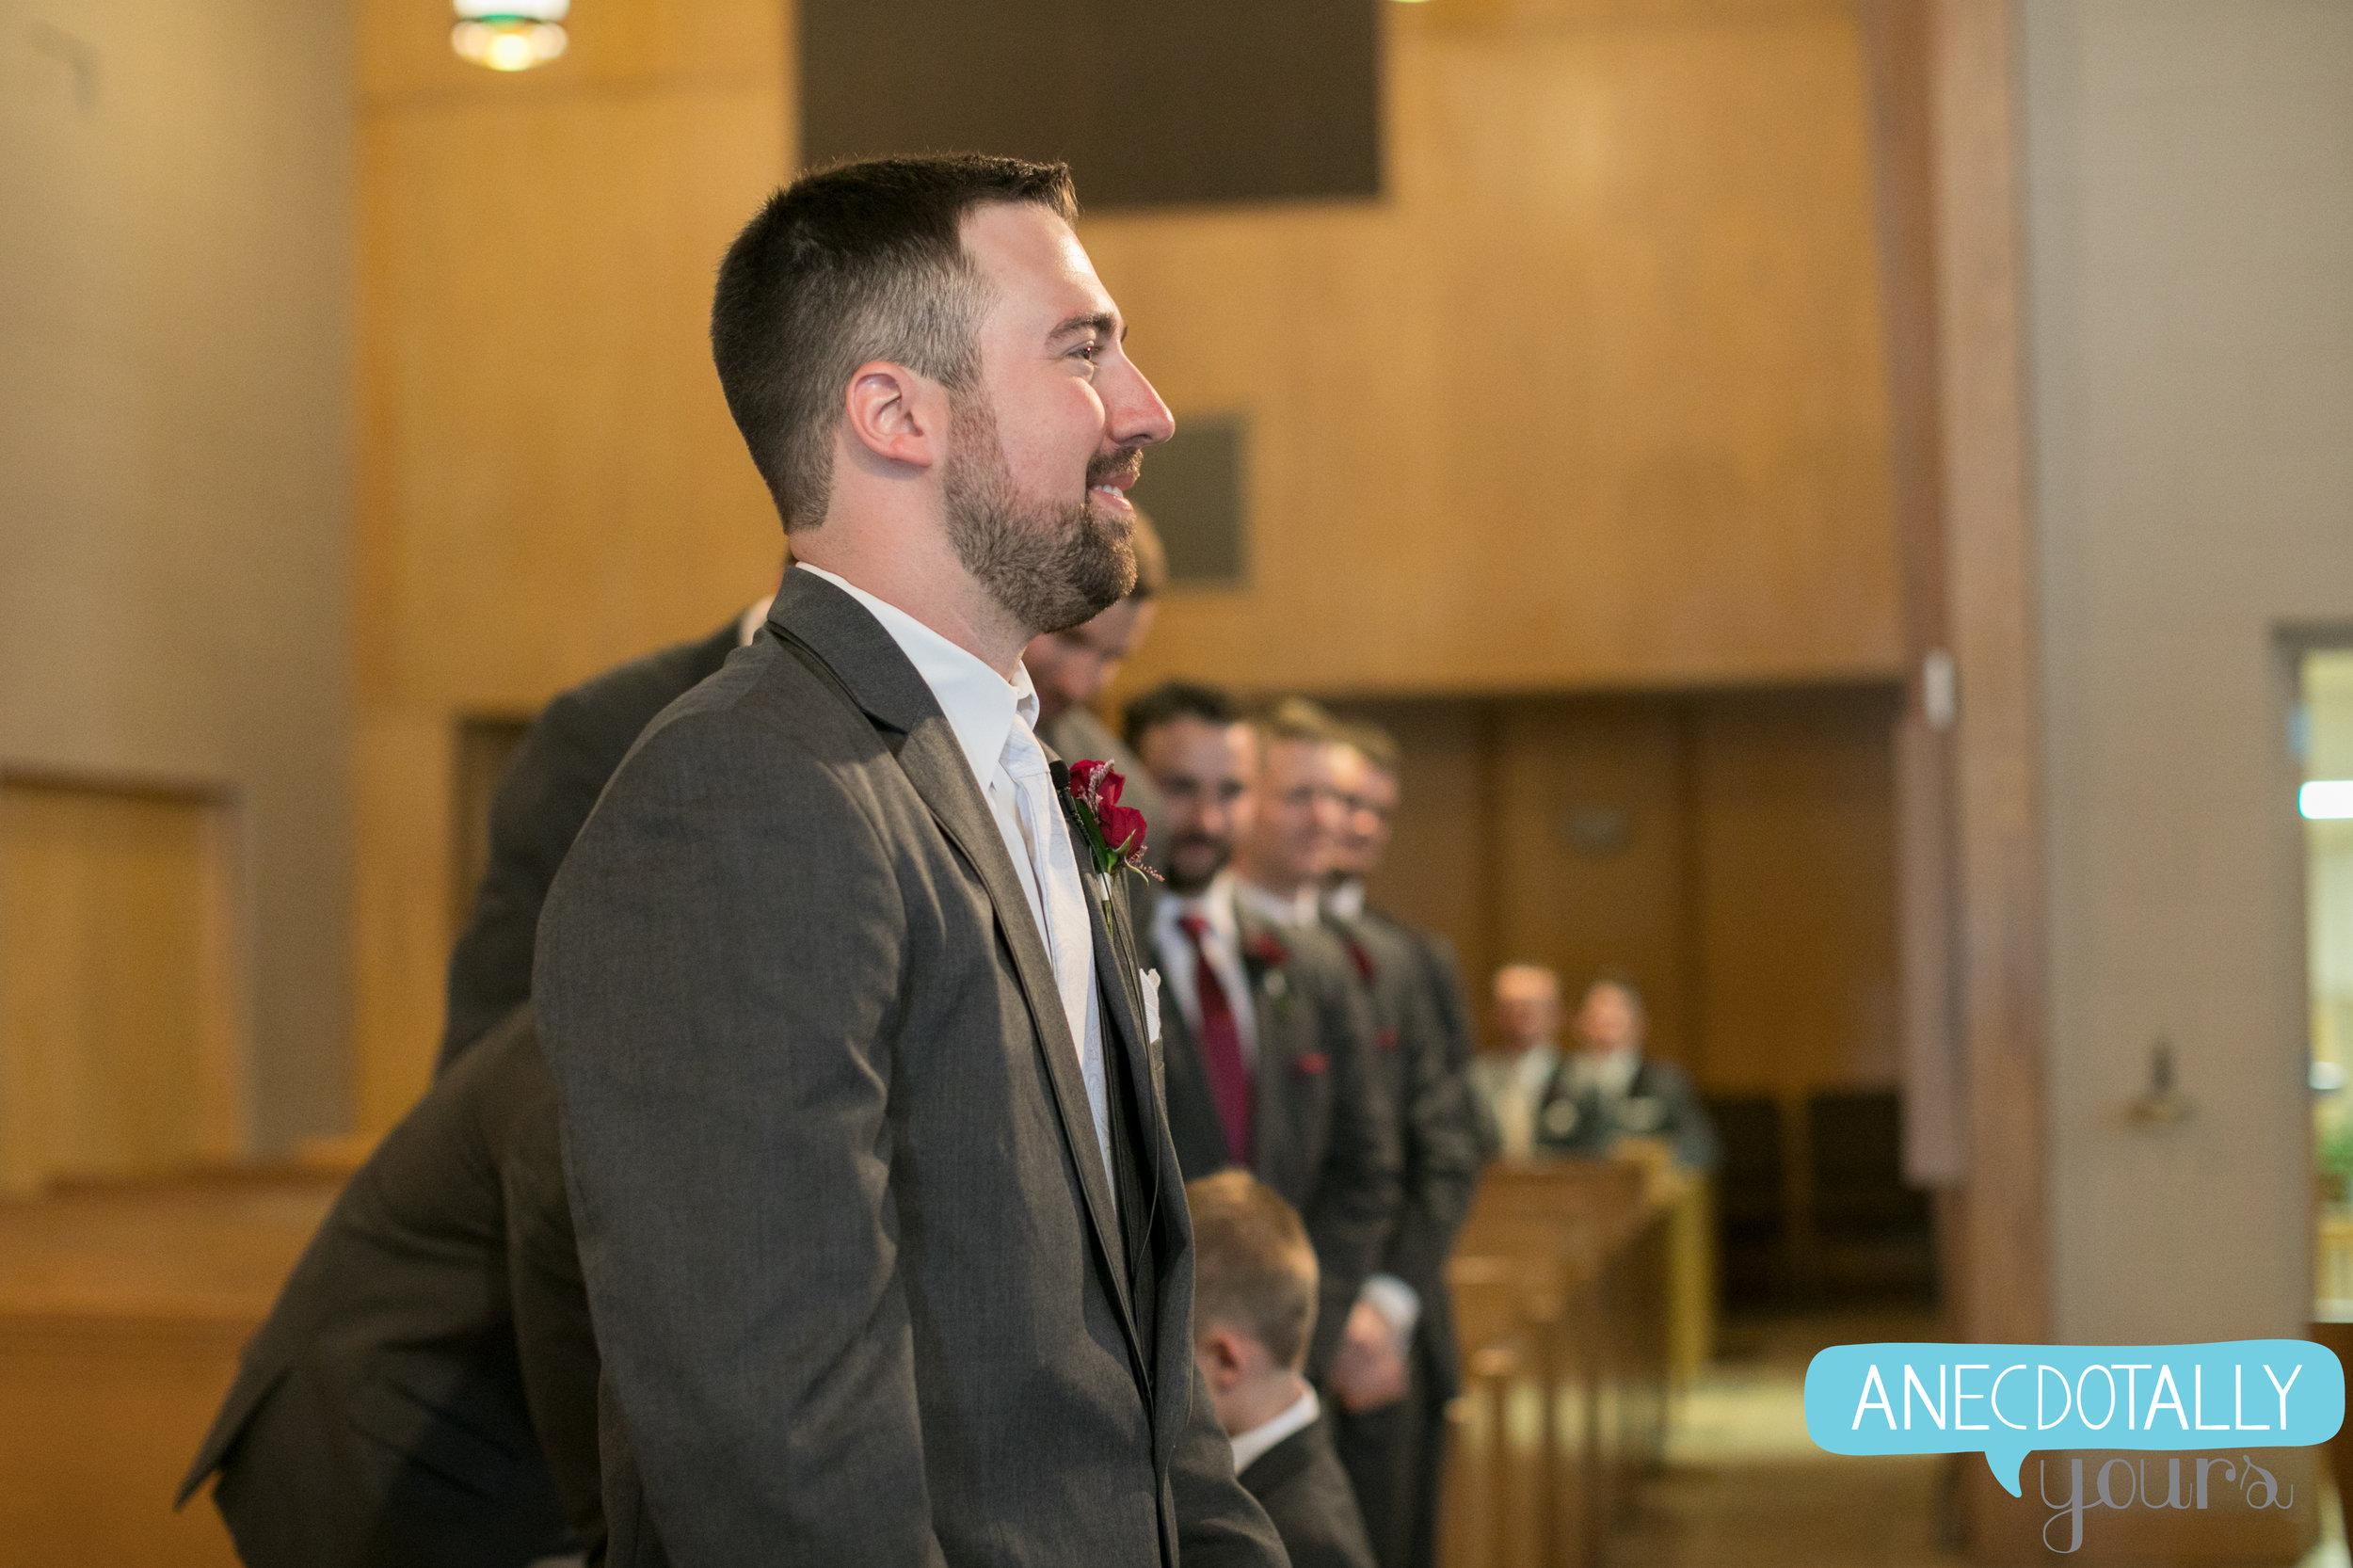 ashley-bryce-wedding-28.jpg